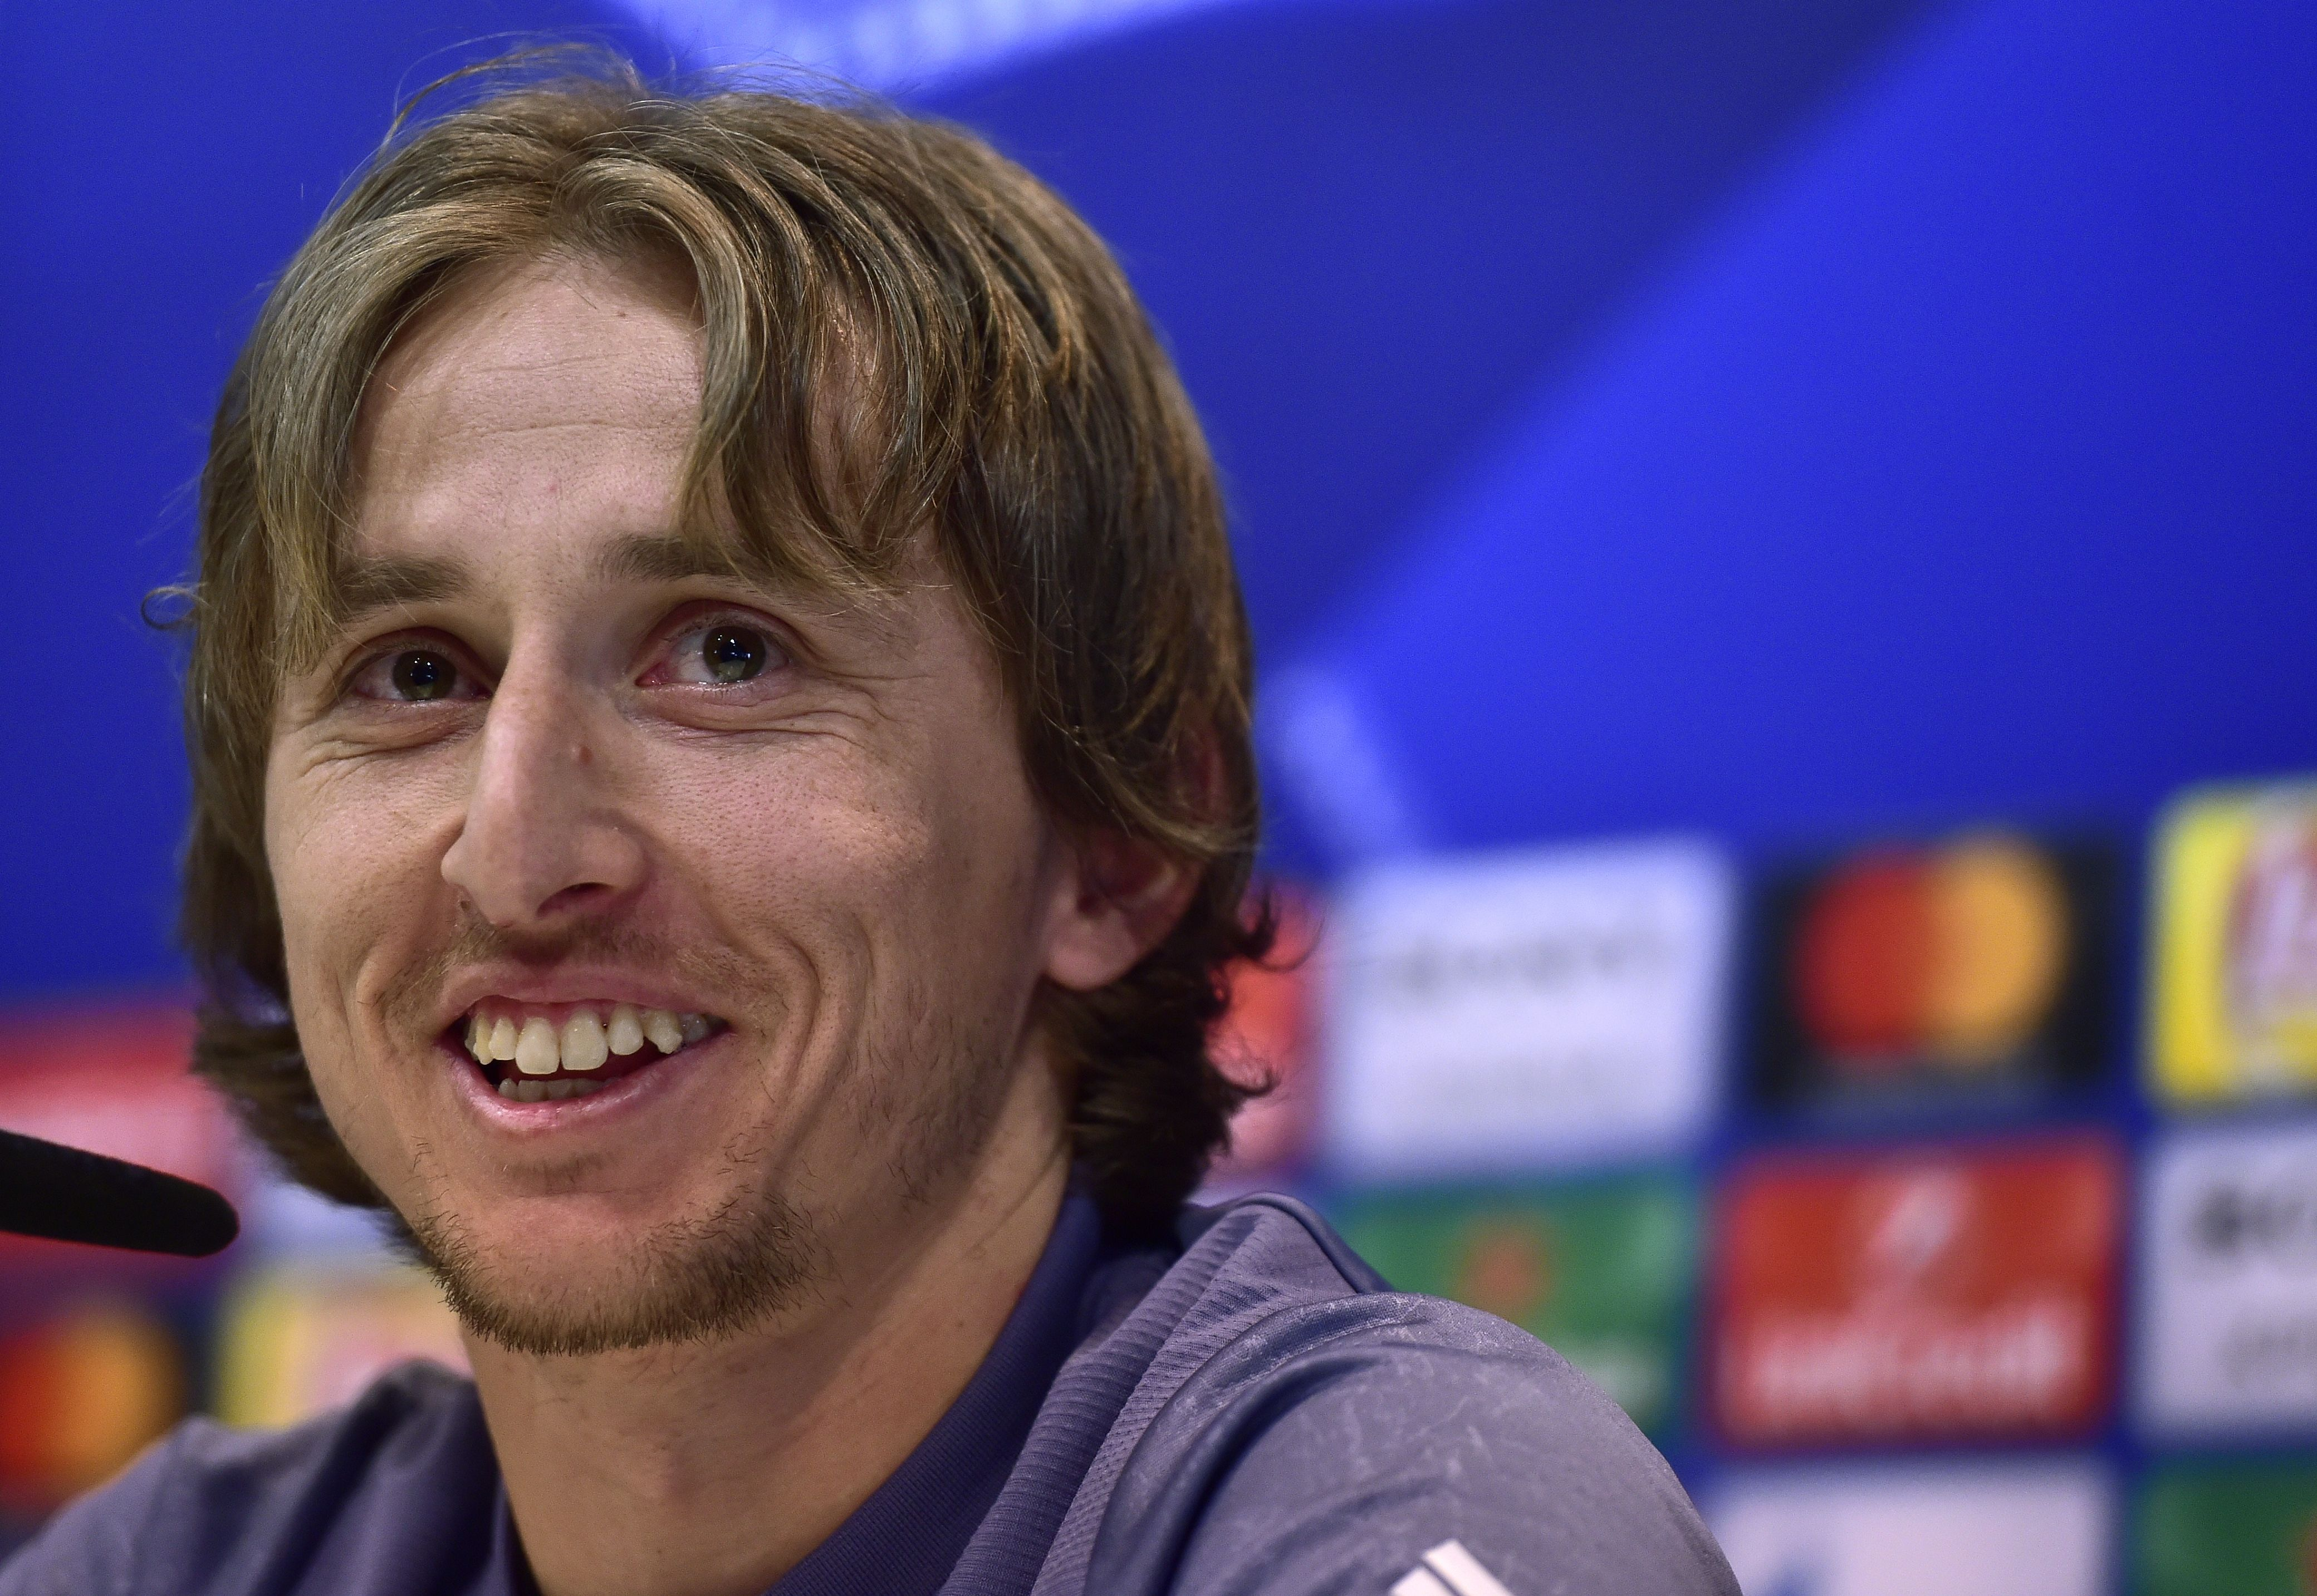 Luka Modric sonríe durante una conferencia de prensa en Valdebebas, antes del partido contra el Nápoles. (Crédito: GERARD JULIEN/AFP/Getty Images)